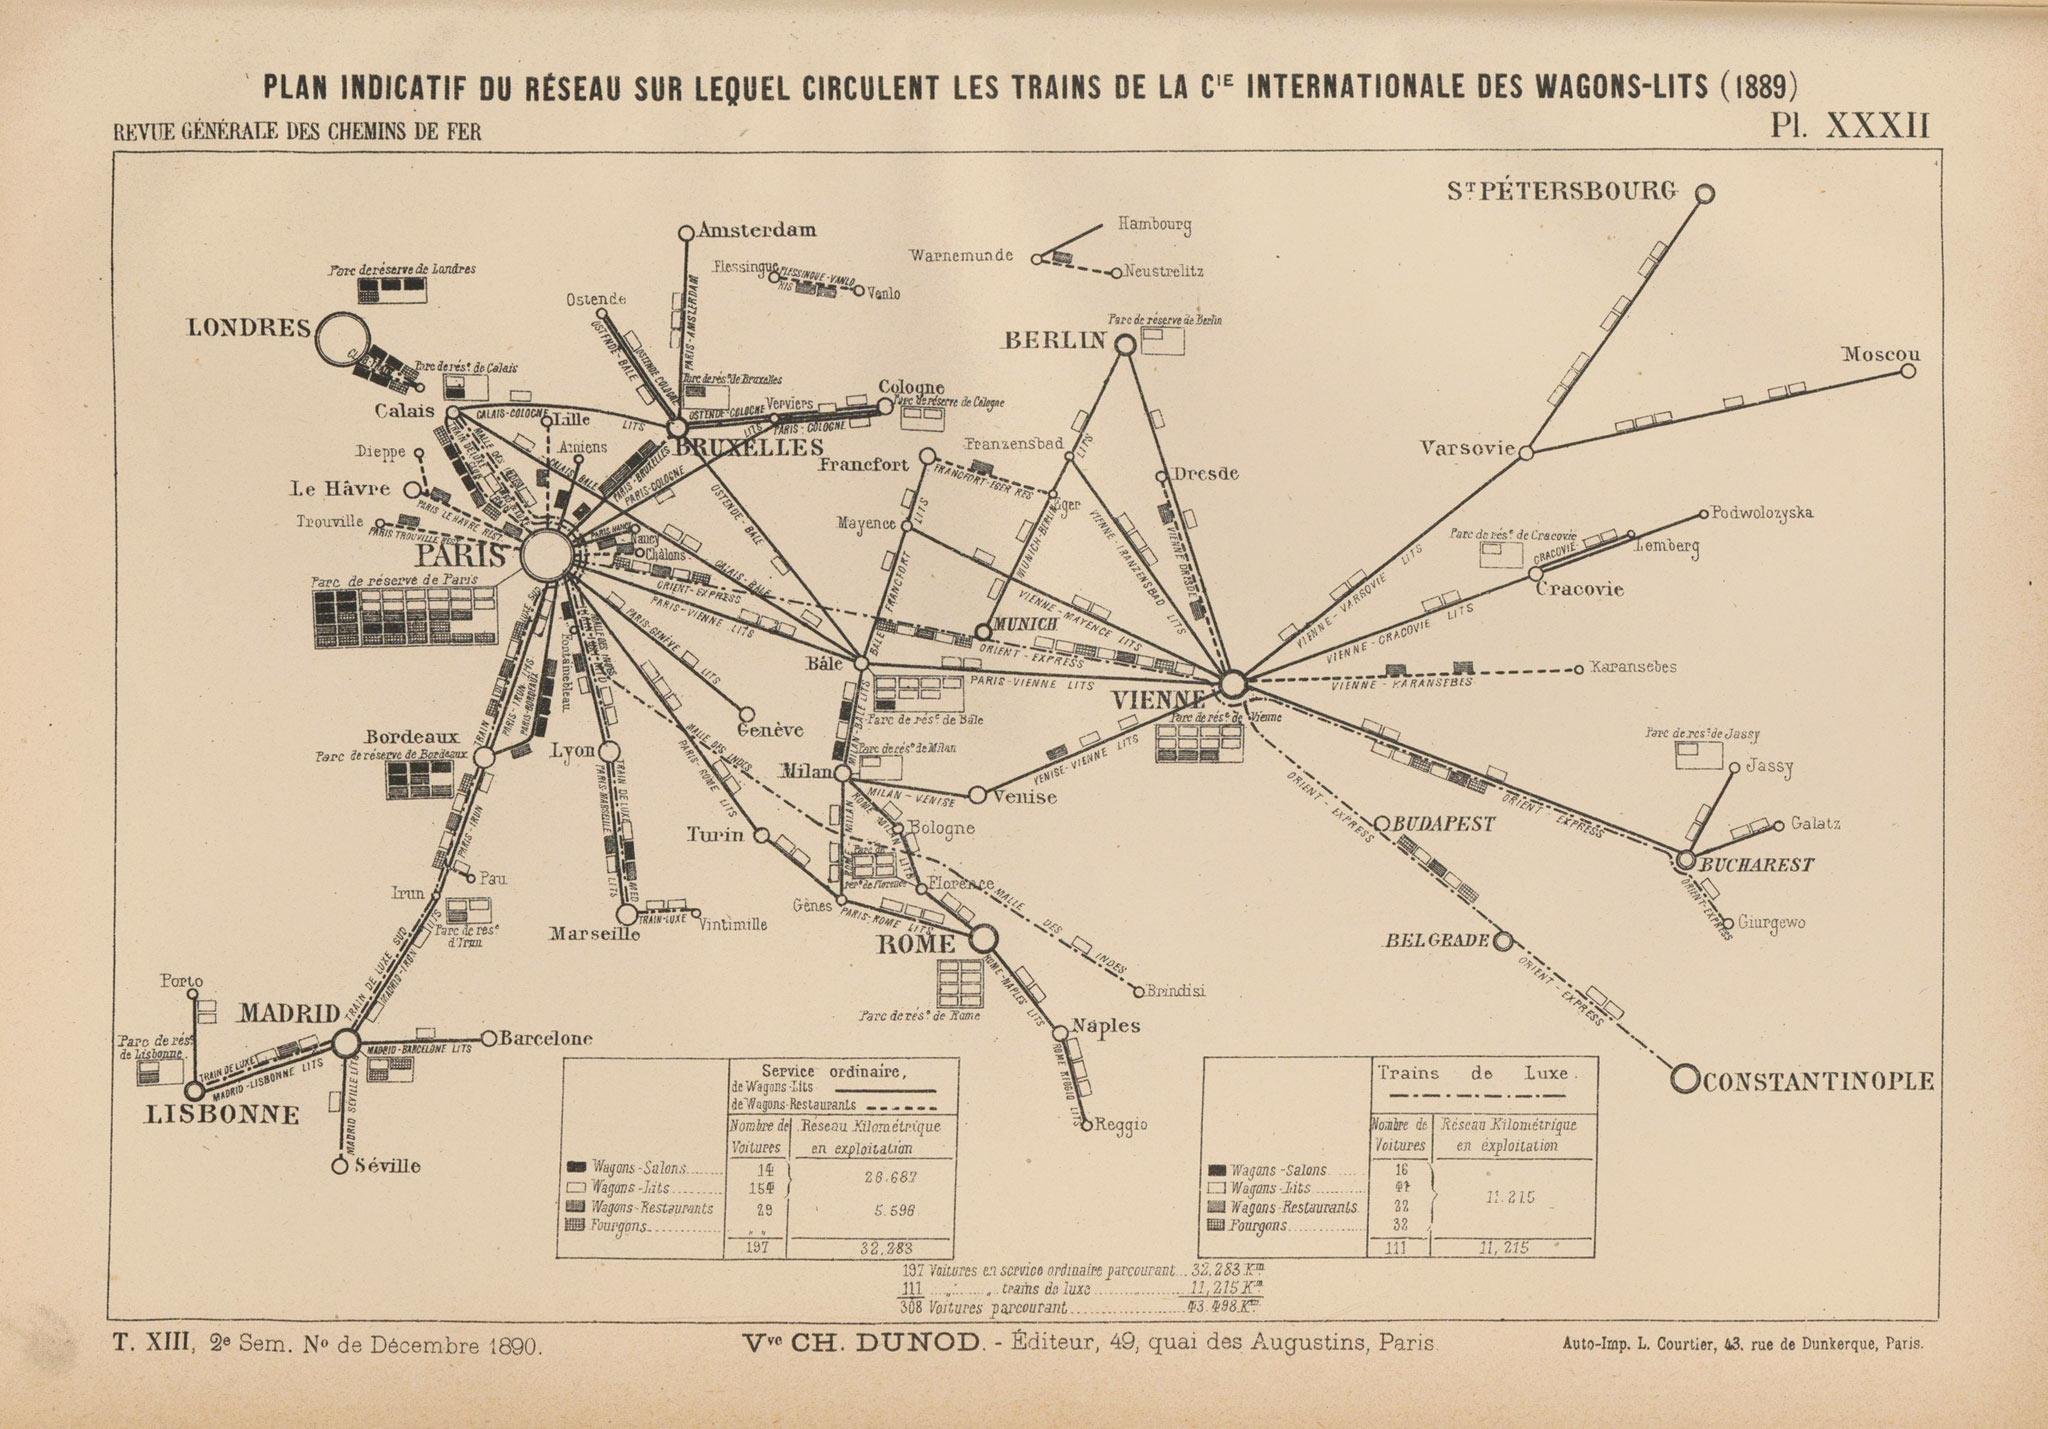 wagons lits map revue gnrale des chemins de fer 1890 ch dunod bibliothque nationale de france